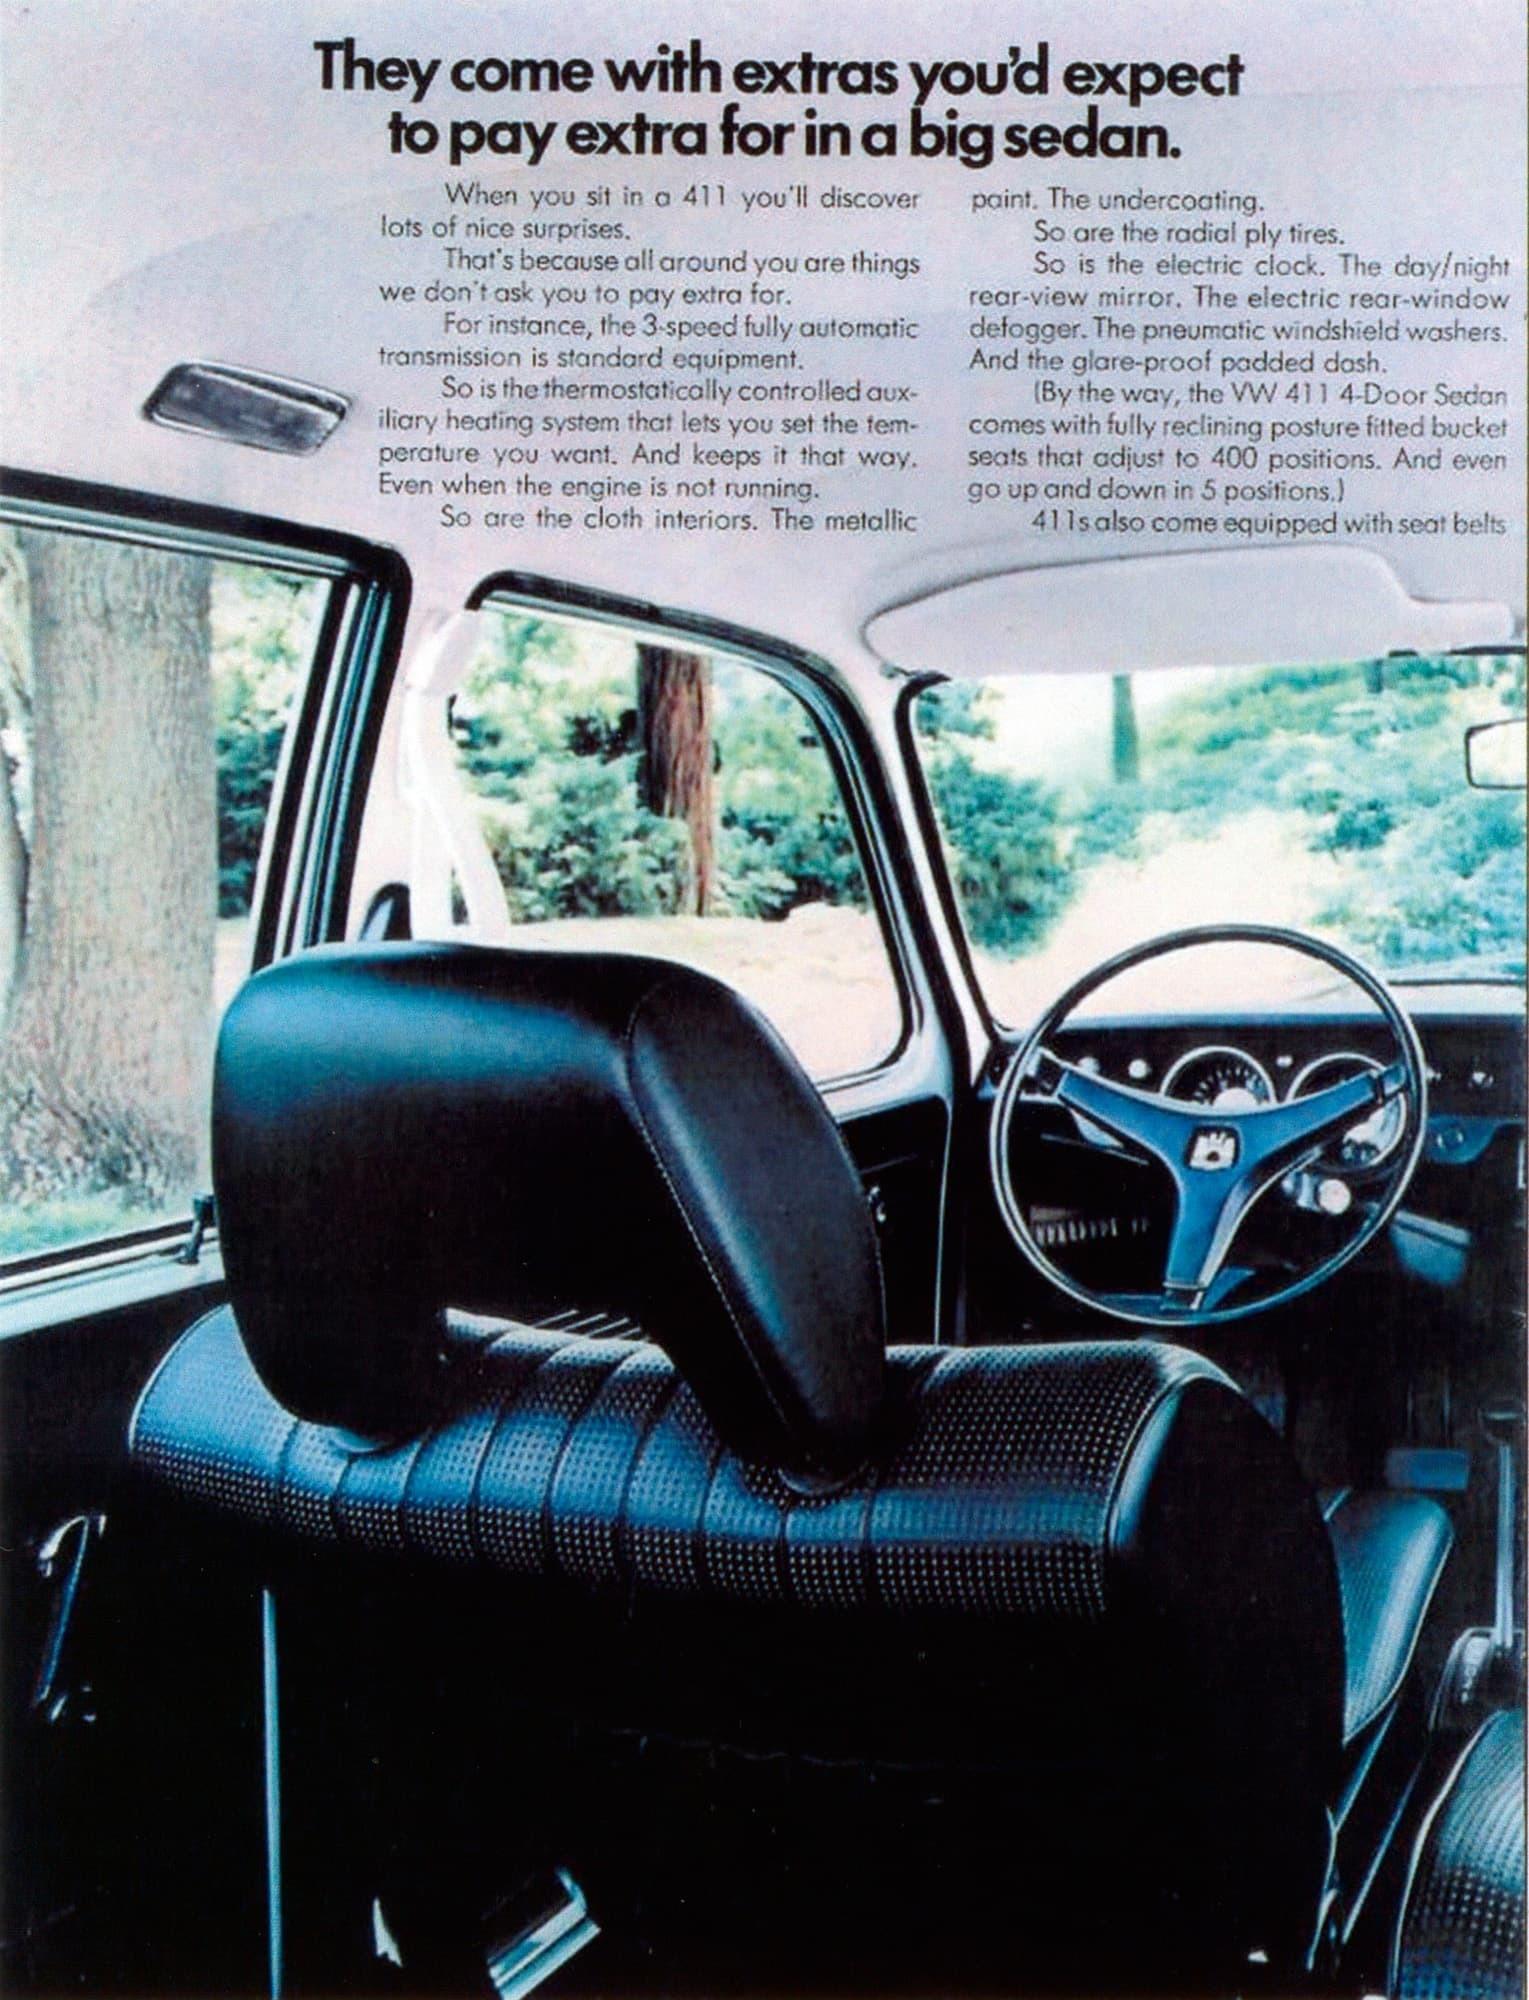 Volkswagen Type 4 original press materials